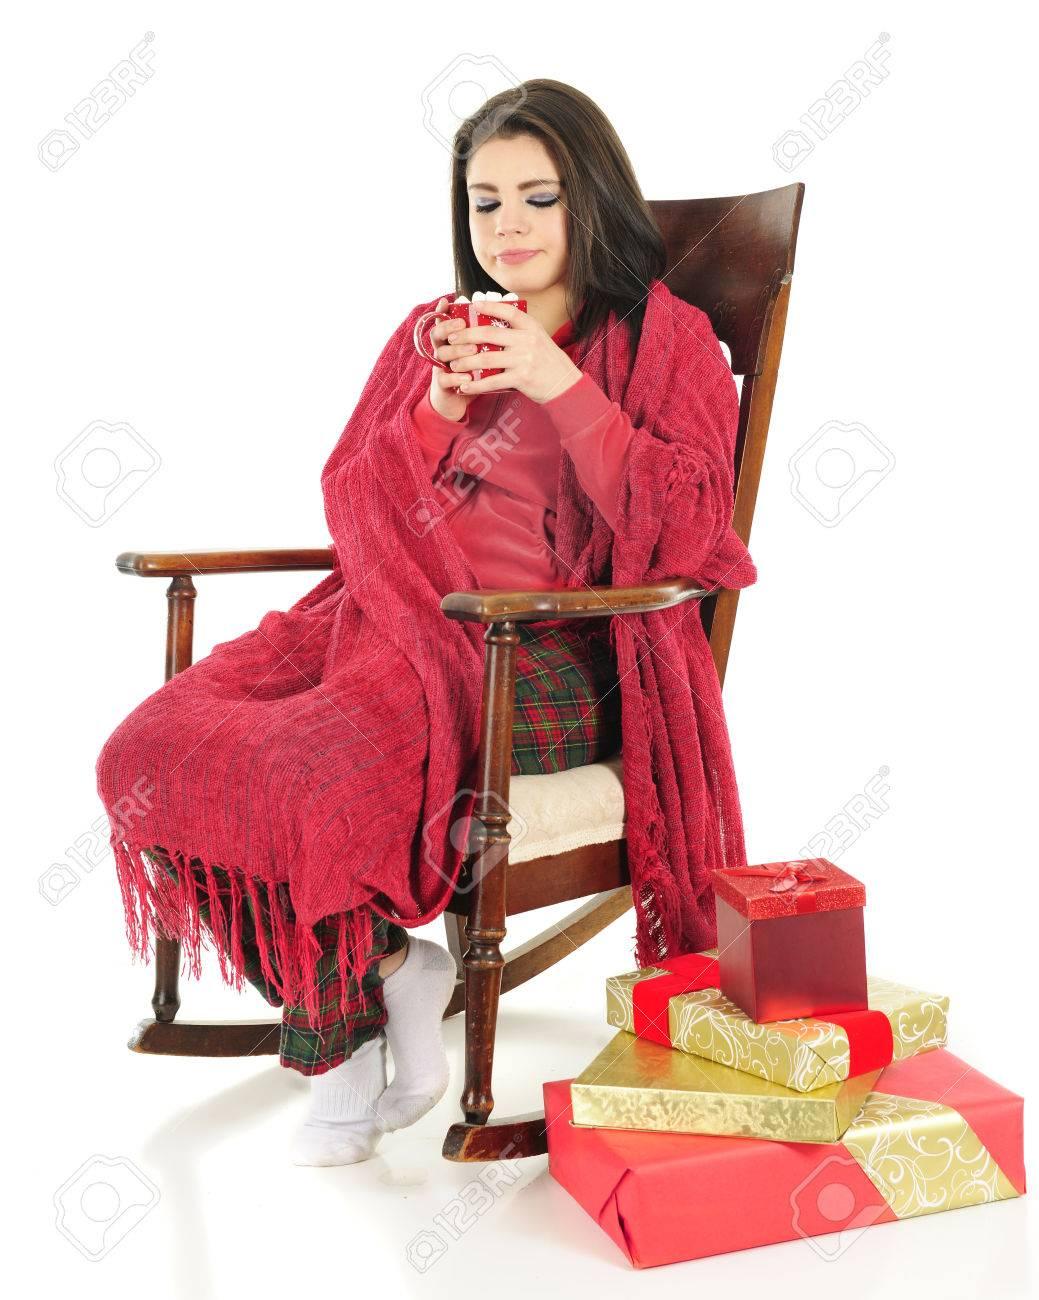 Eine Schöne Teenager-Mädchen Heiße Schokolade Beim Nippen Kuschelte ...